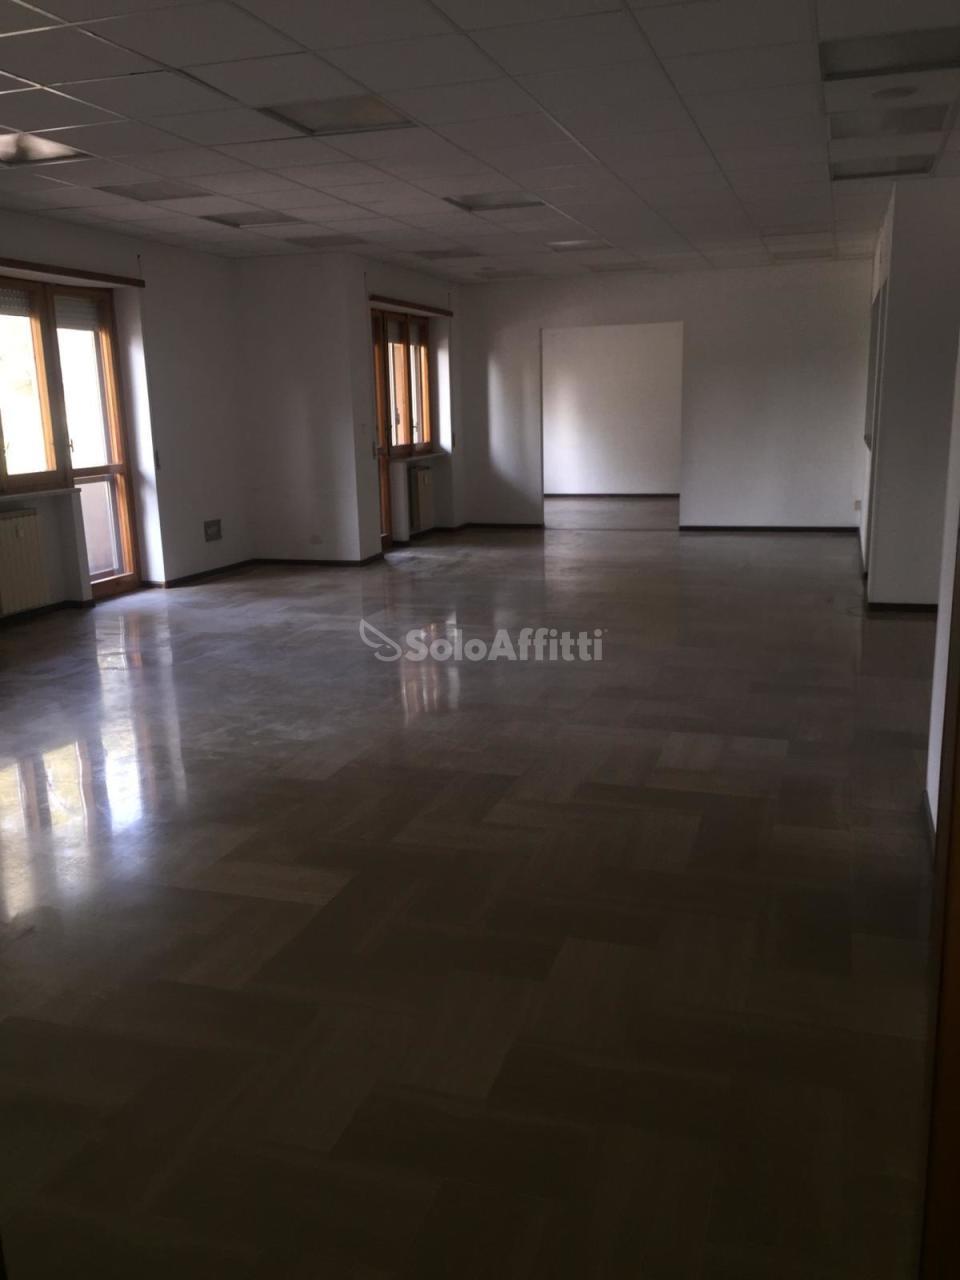 Ufficio - oltre 4 locali a Stazione Centrale, Pescara Rif. 9629746